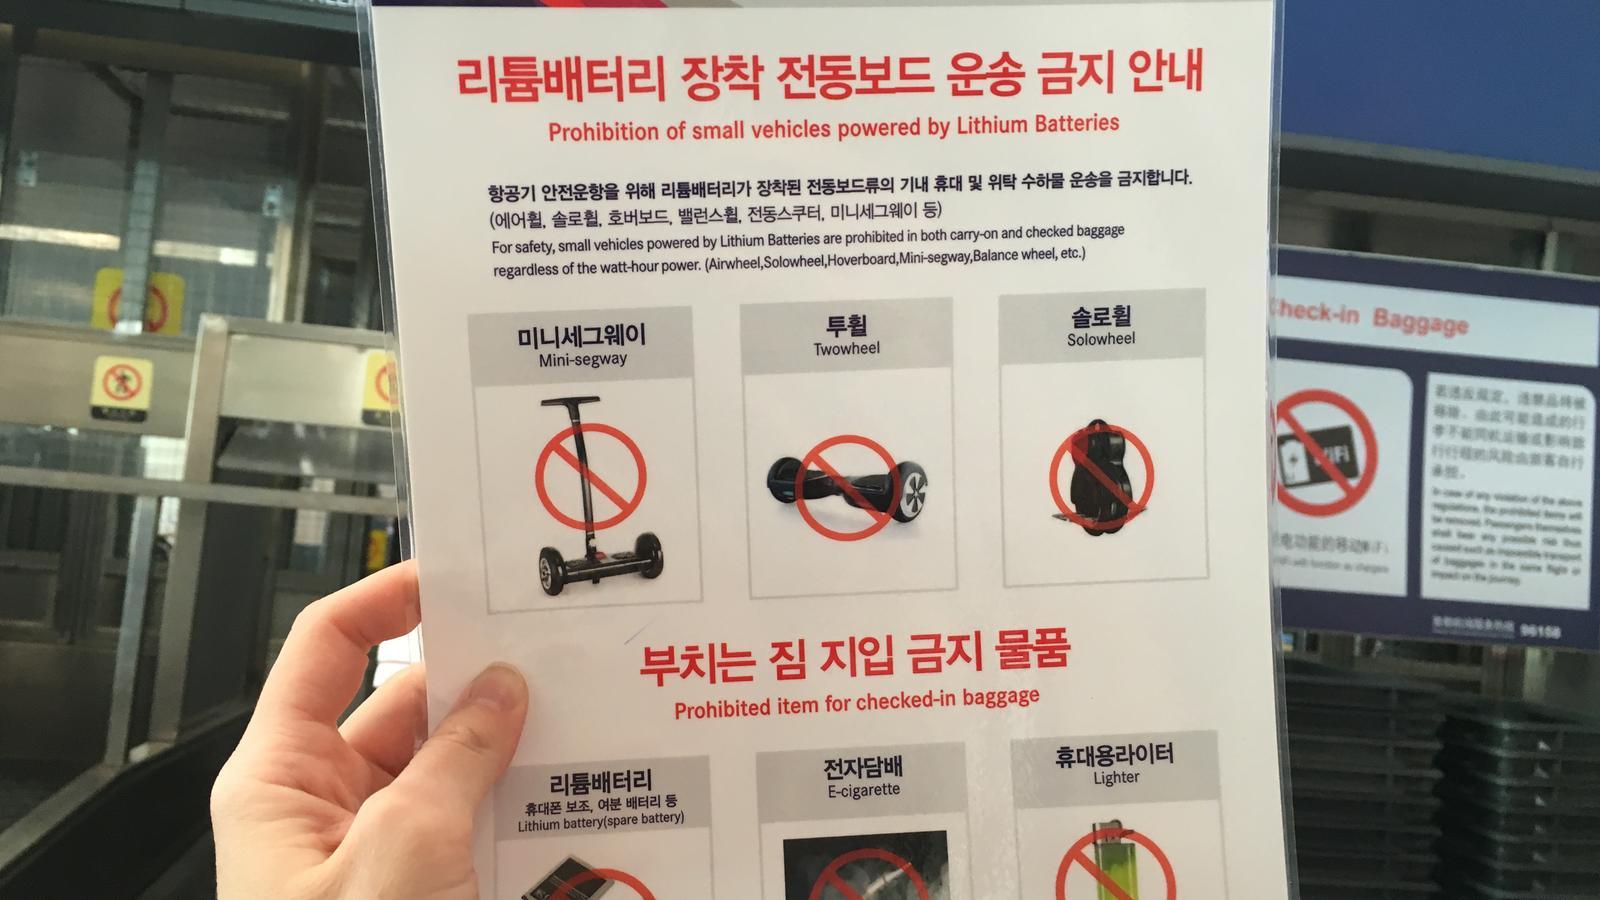 国外游客感叹,想从中国带台扭扭车回家装逼都不行。